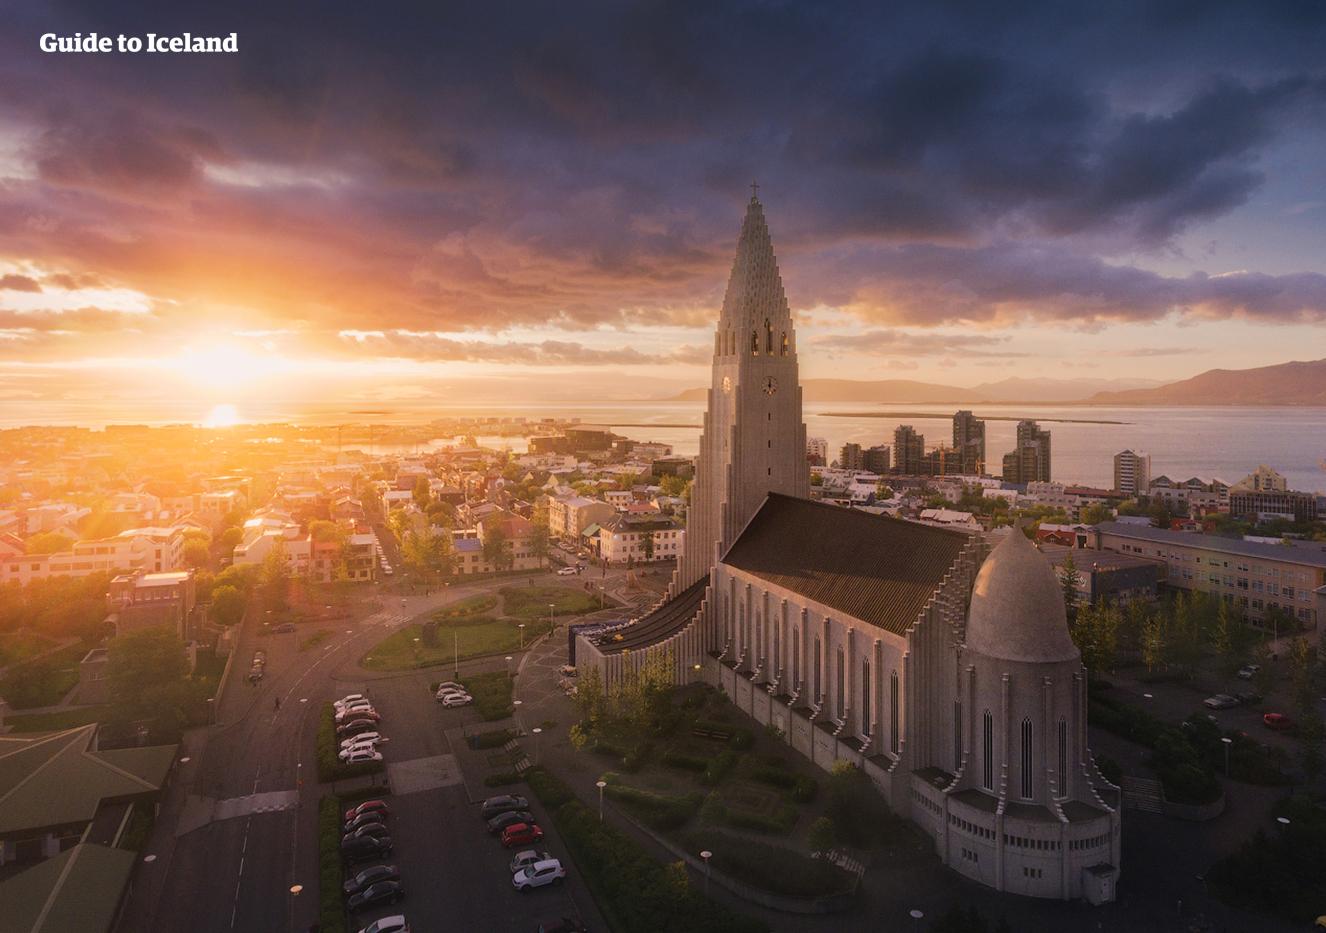 Een groot deel van IJsland is bedekt met kwetsbaar IJslands mos. Als het wordt beschadigd, kan het tientallen jaren duren voordat het mos zich heeft hersteld, wat een van de belangrijkste redenen is om er niet op te lopen.